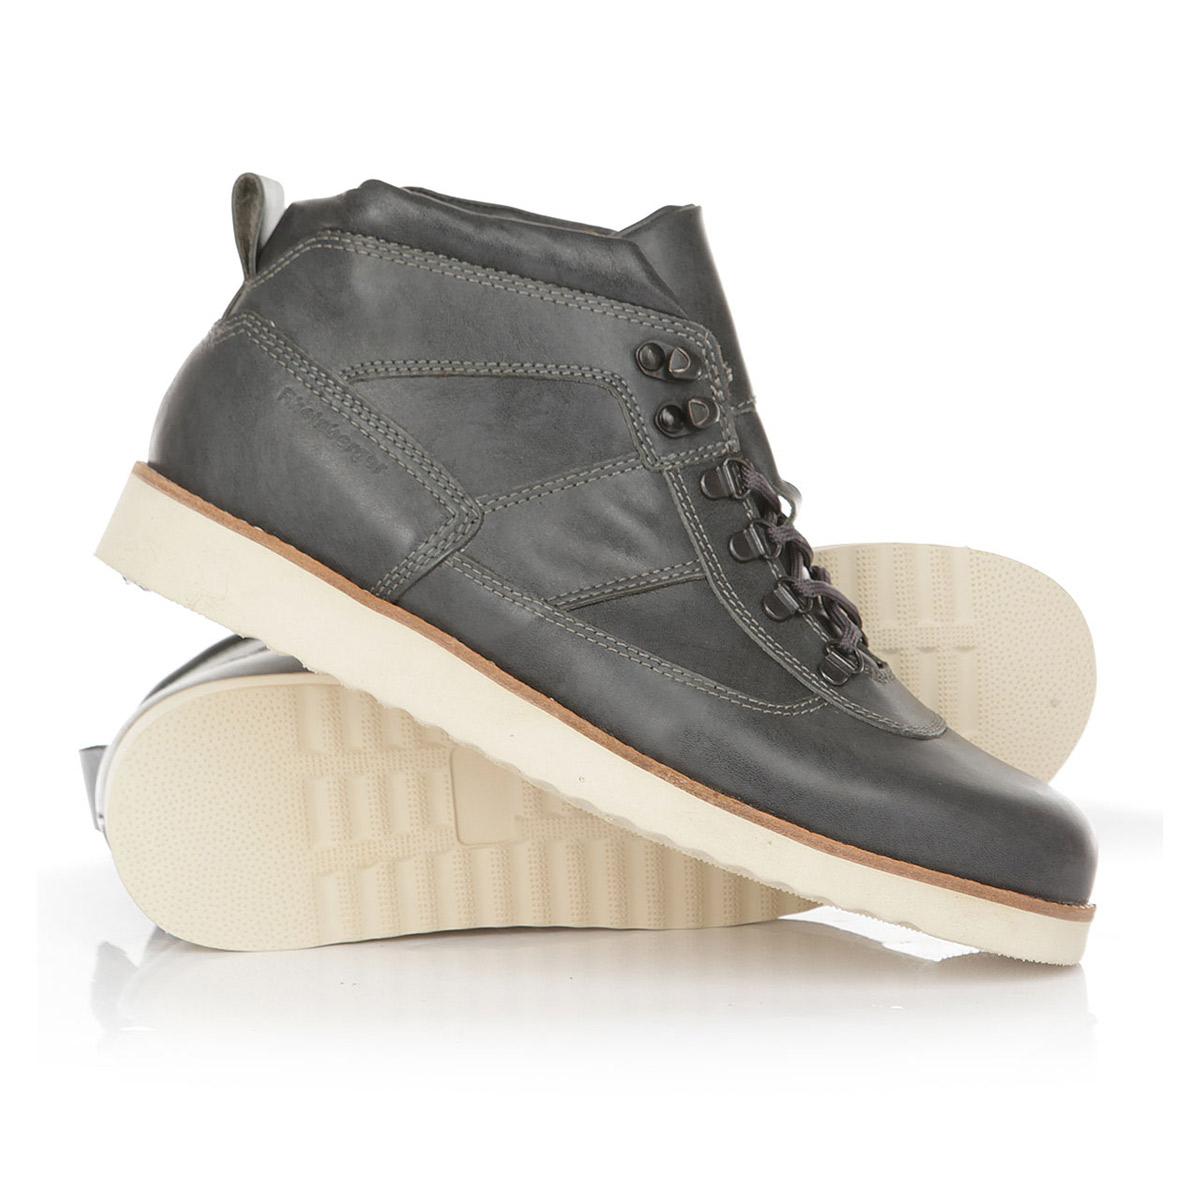 Обувь RHEINBERGER T12248 Anthracite 2016